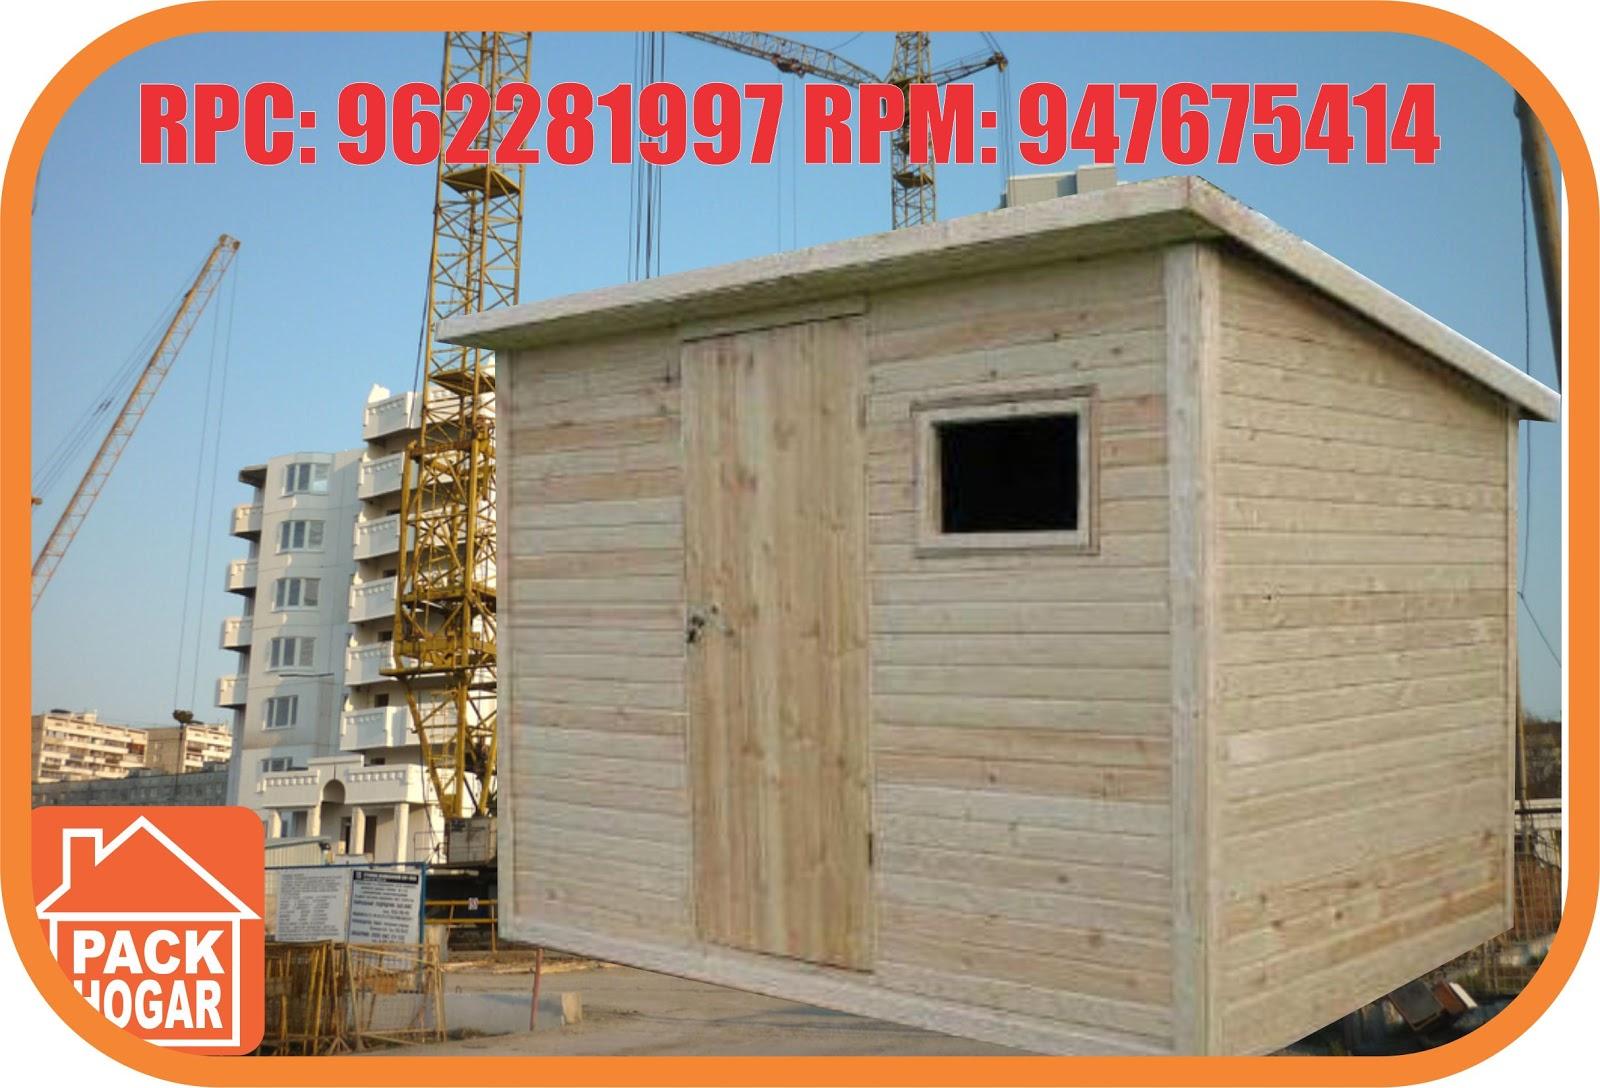 Cuartos habitaciones prefabricadas para la azotea - Habitaciones prefabricadas precios ...